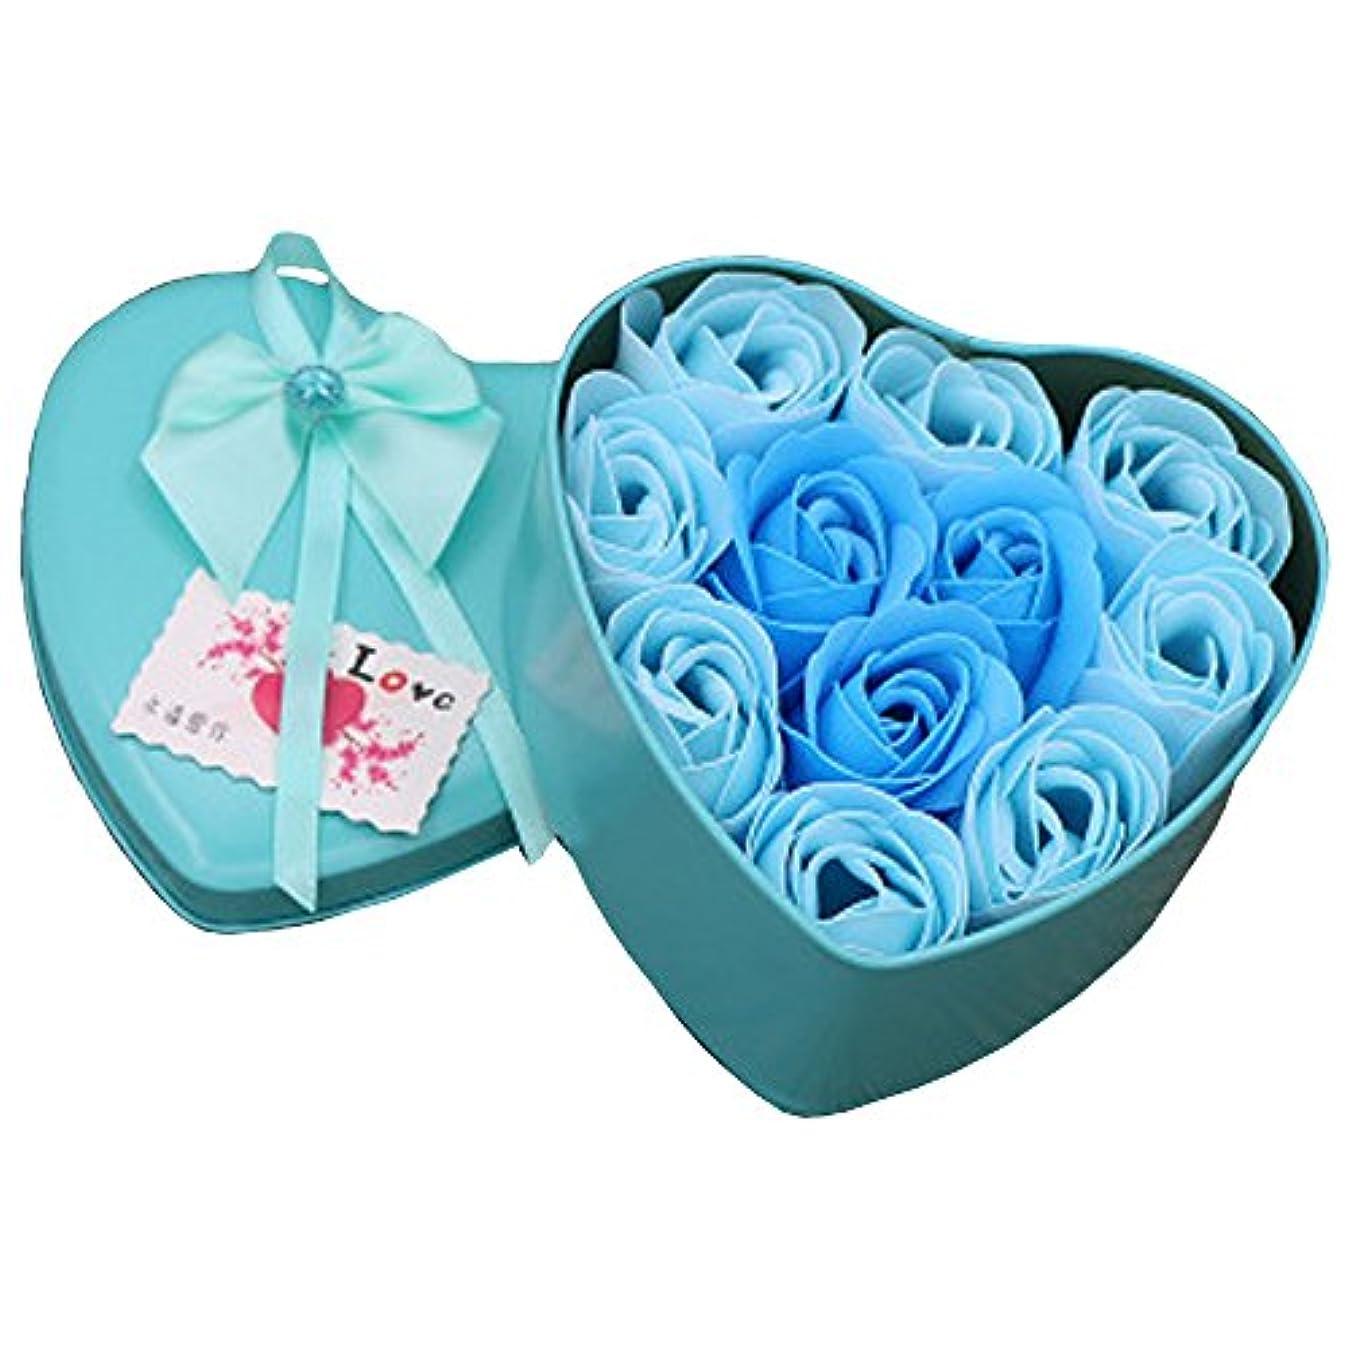 ラベル強調ペイントiCoole ソープフラワー 石鹸花 ハードフラワー形状 ギフトボックス入り 母の日 バレンタインデー お誕生日 ギフト